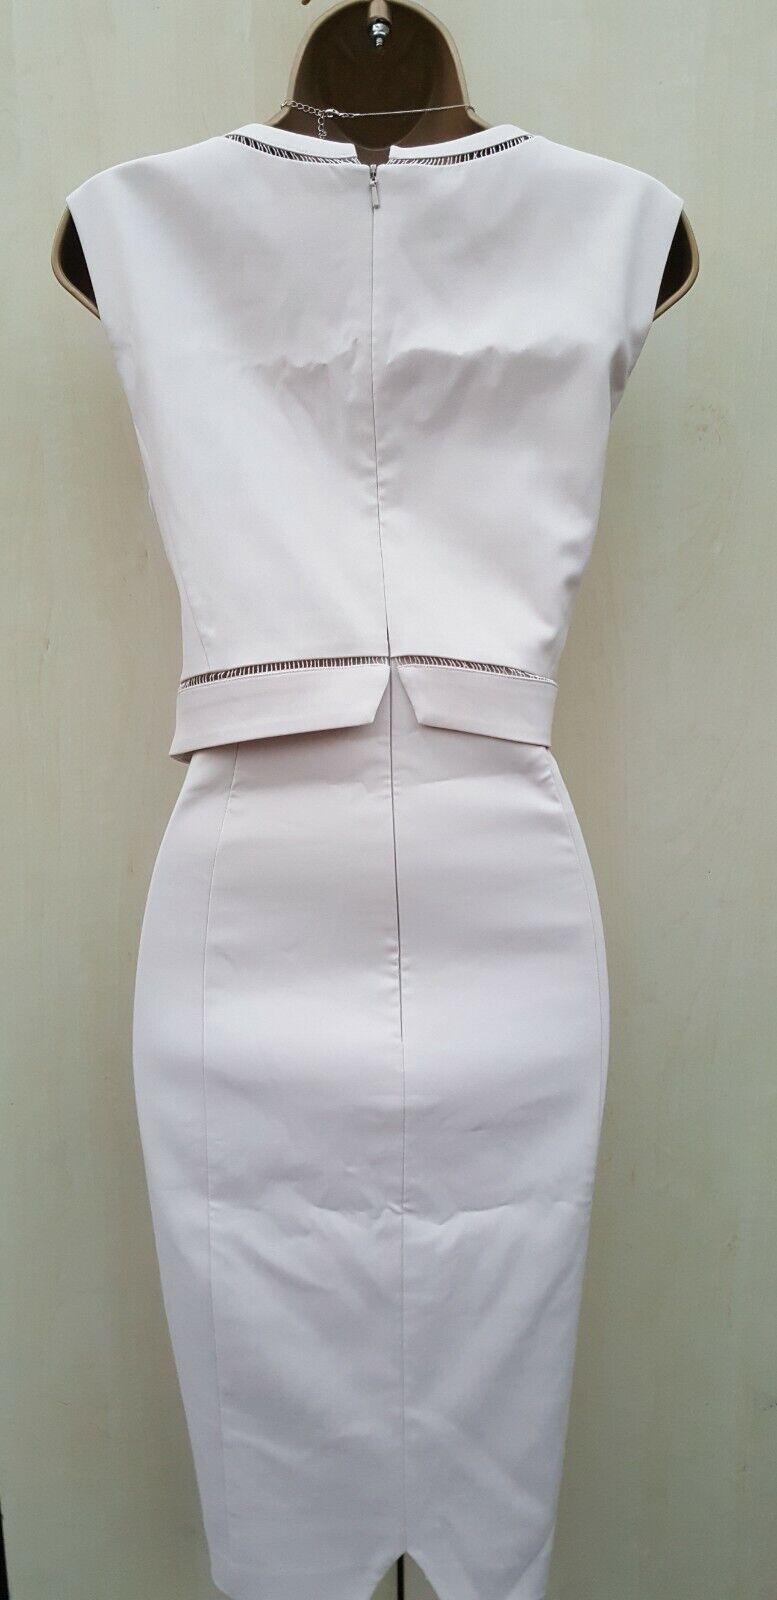 Size 10 UK Stunning Phase Eight Cream Beige Beige Beige Pencil Dress Wedding Occasion Party 808dc4